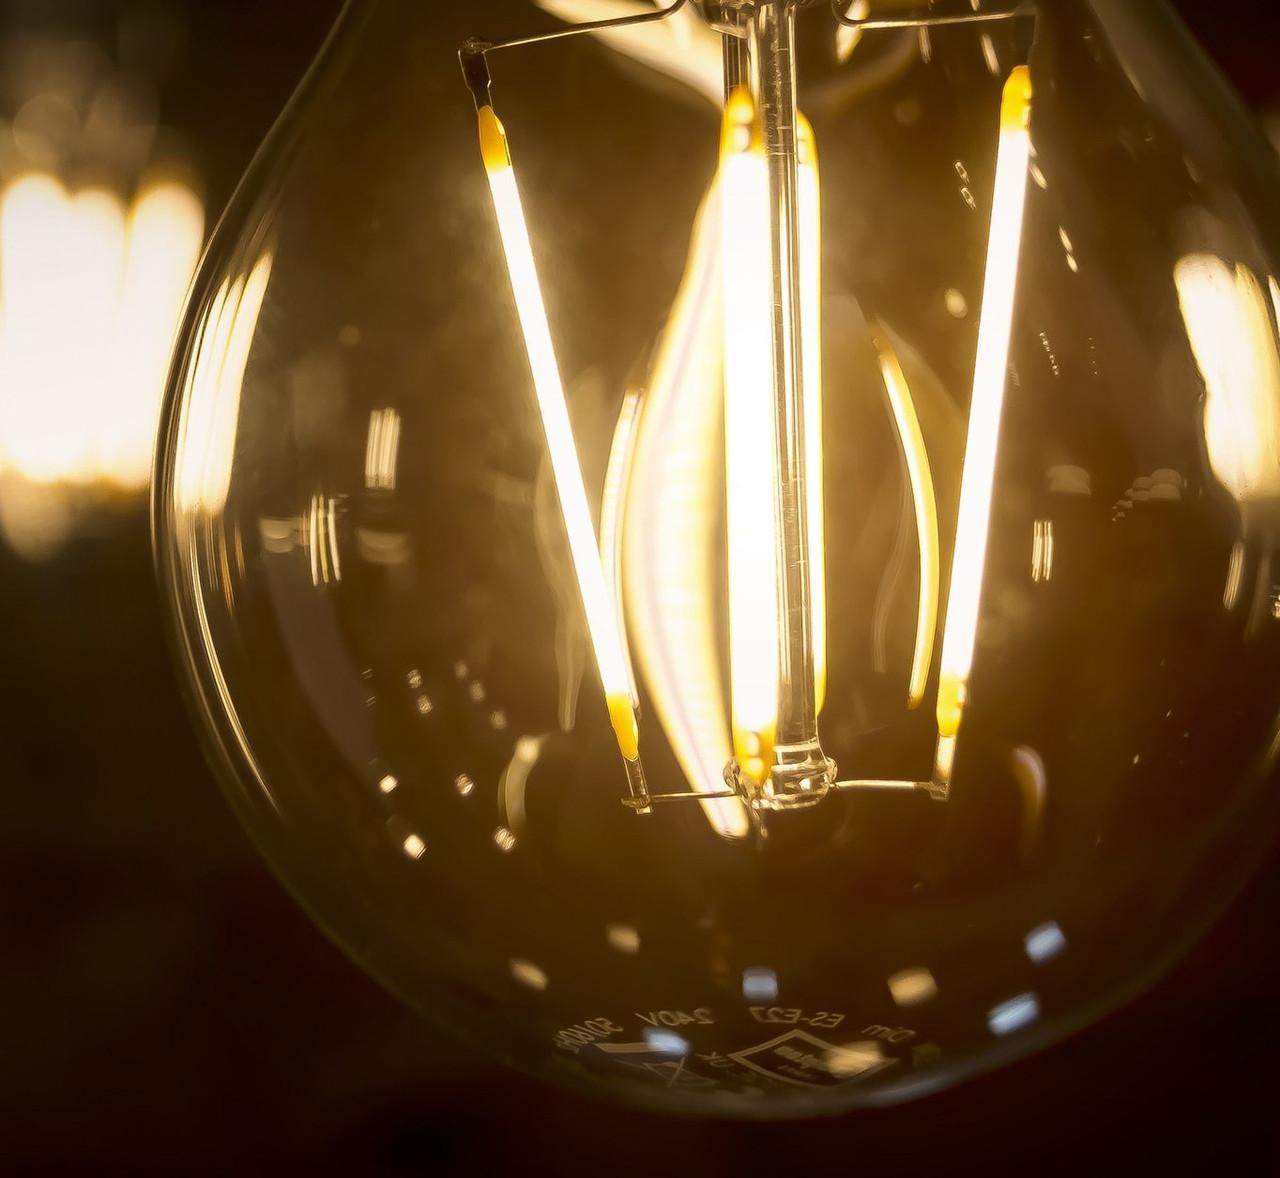 LED Dimmable A65 14W Light Bulbs